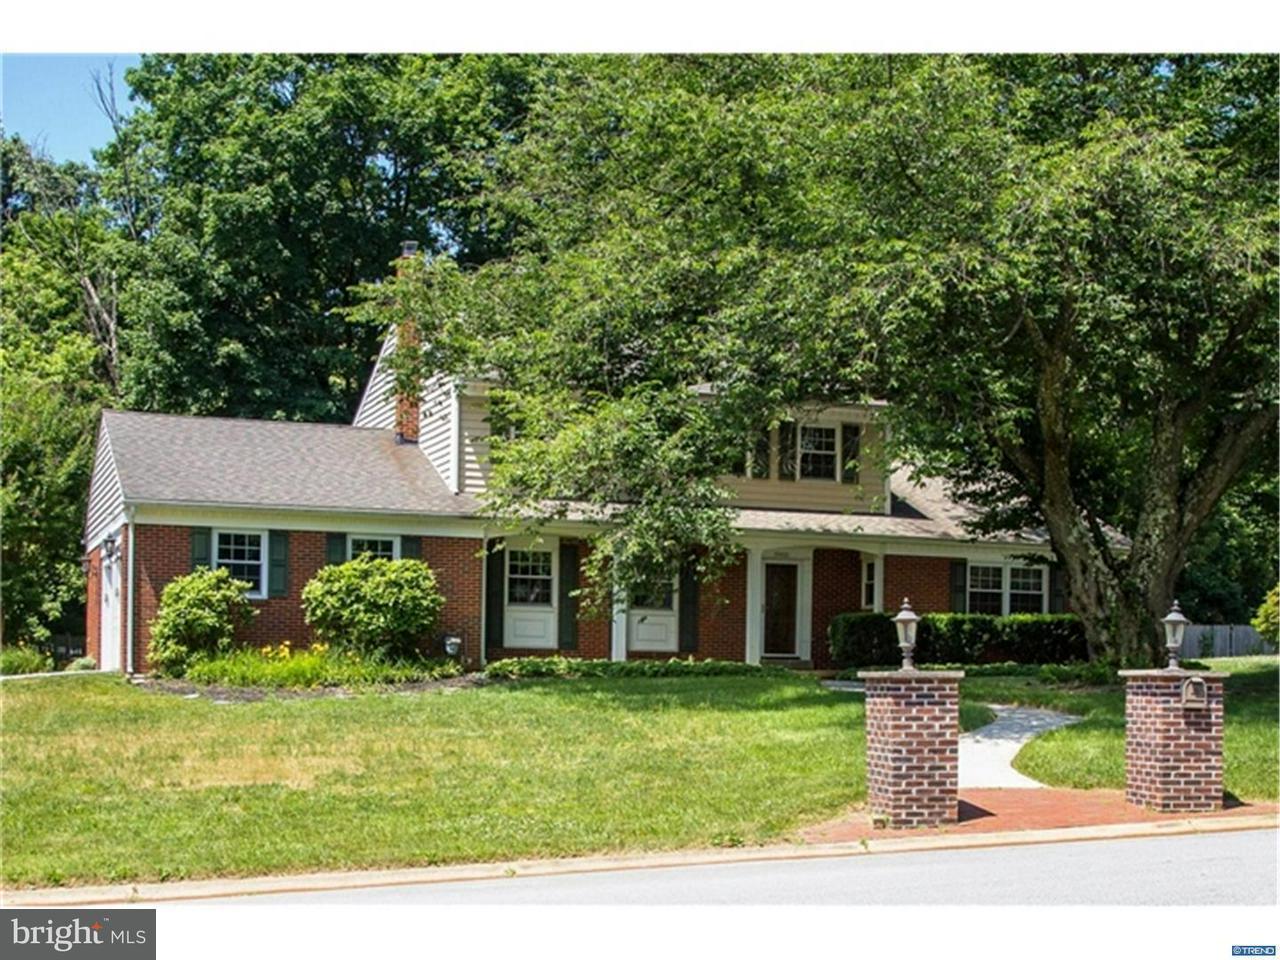 独户住宅 为 销售 在 5905 CARRIAGE Circle Centreville, 特拉华州 19807 美国